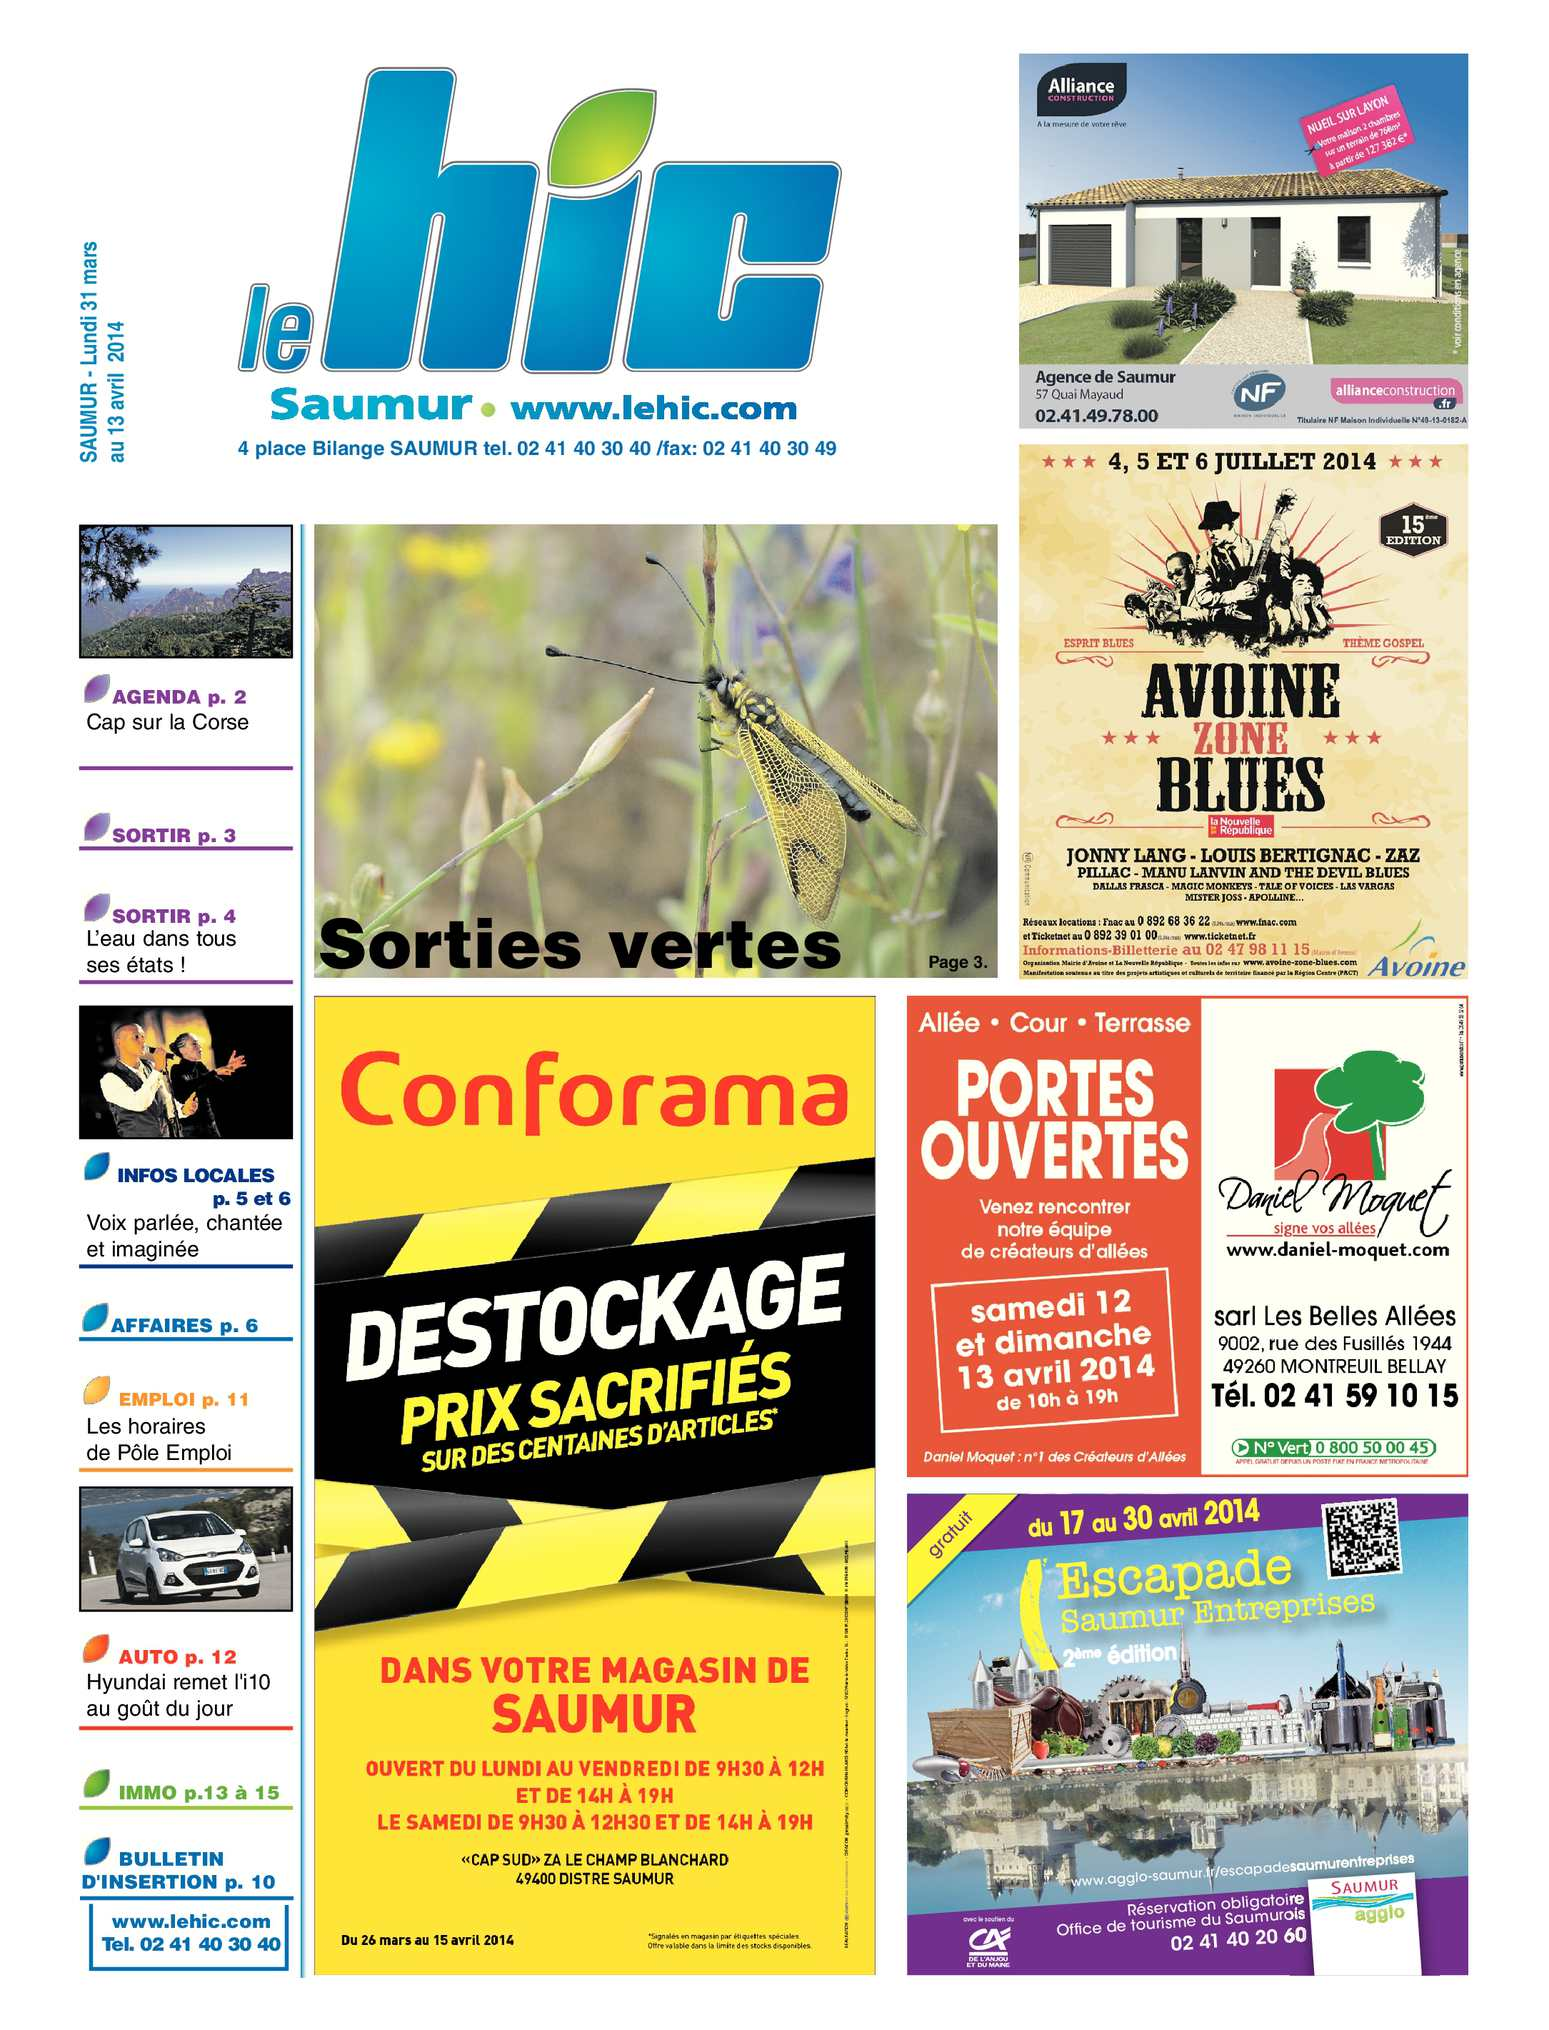 Calaméo Saumur 31mars